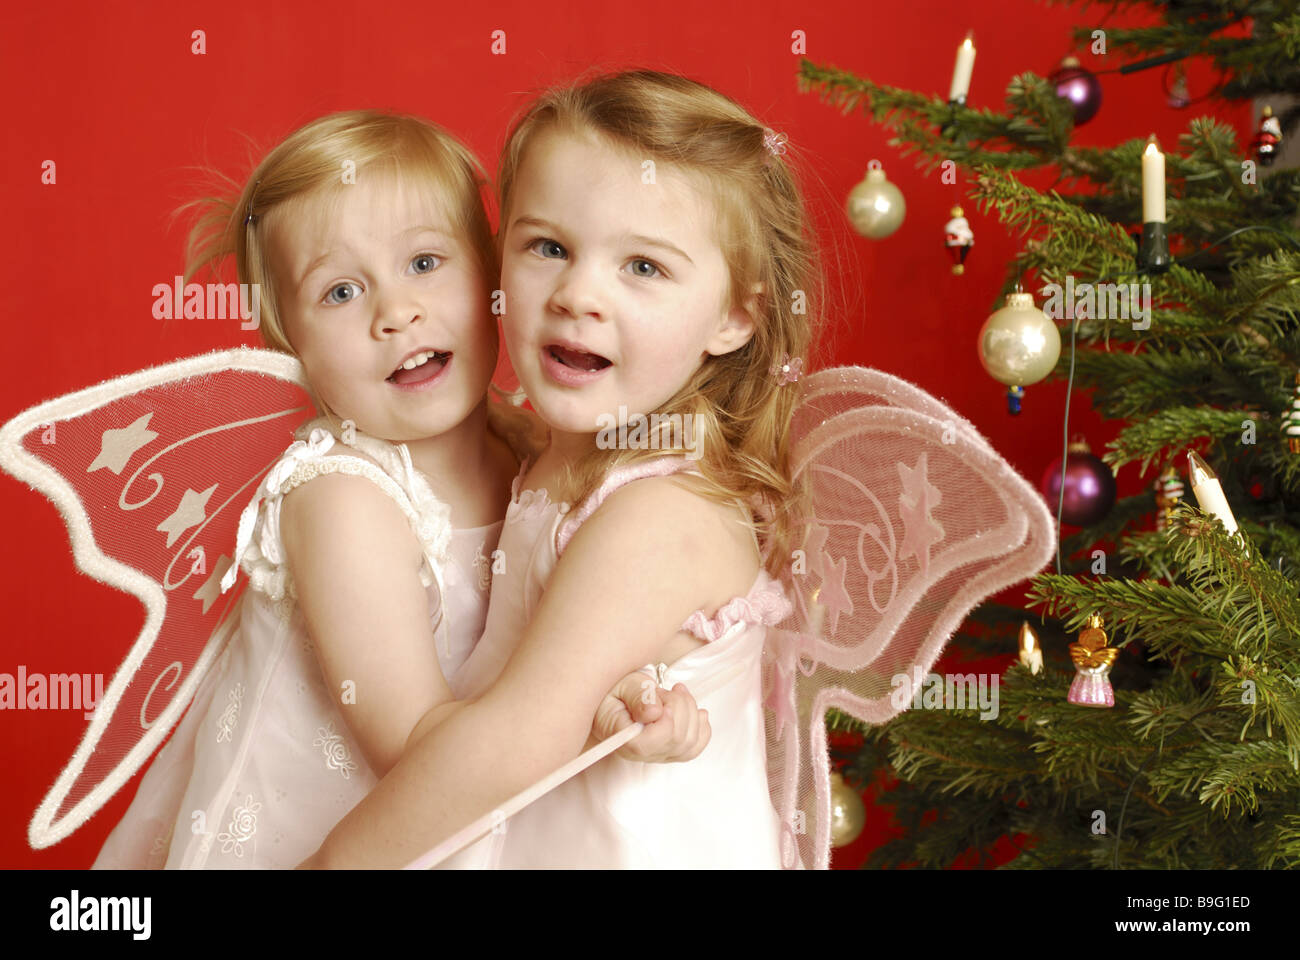 Weihnachten Mädchen zwei Verkleidung Engel Stern-Stab umarmen ...